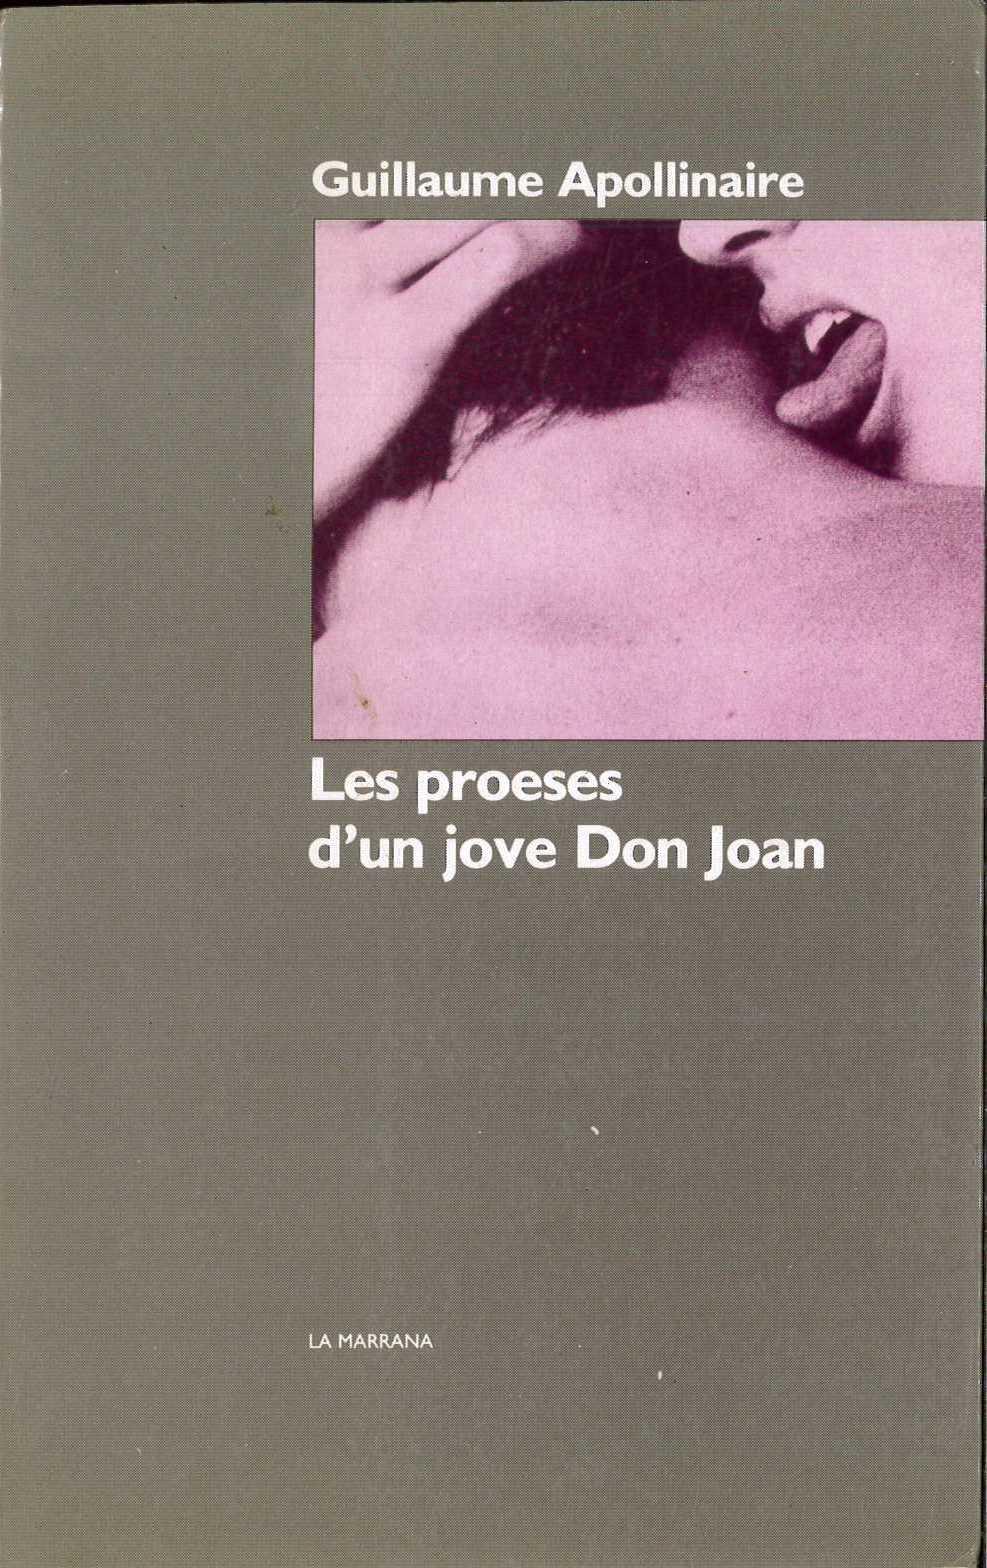 Les proeses d'un jove don Joan